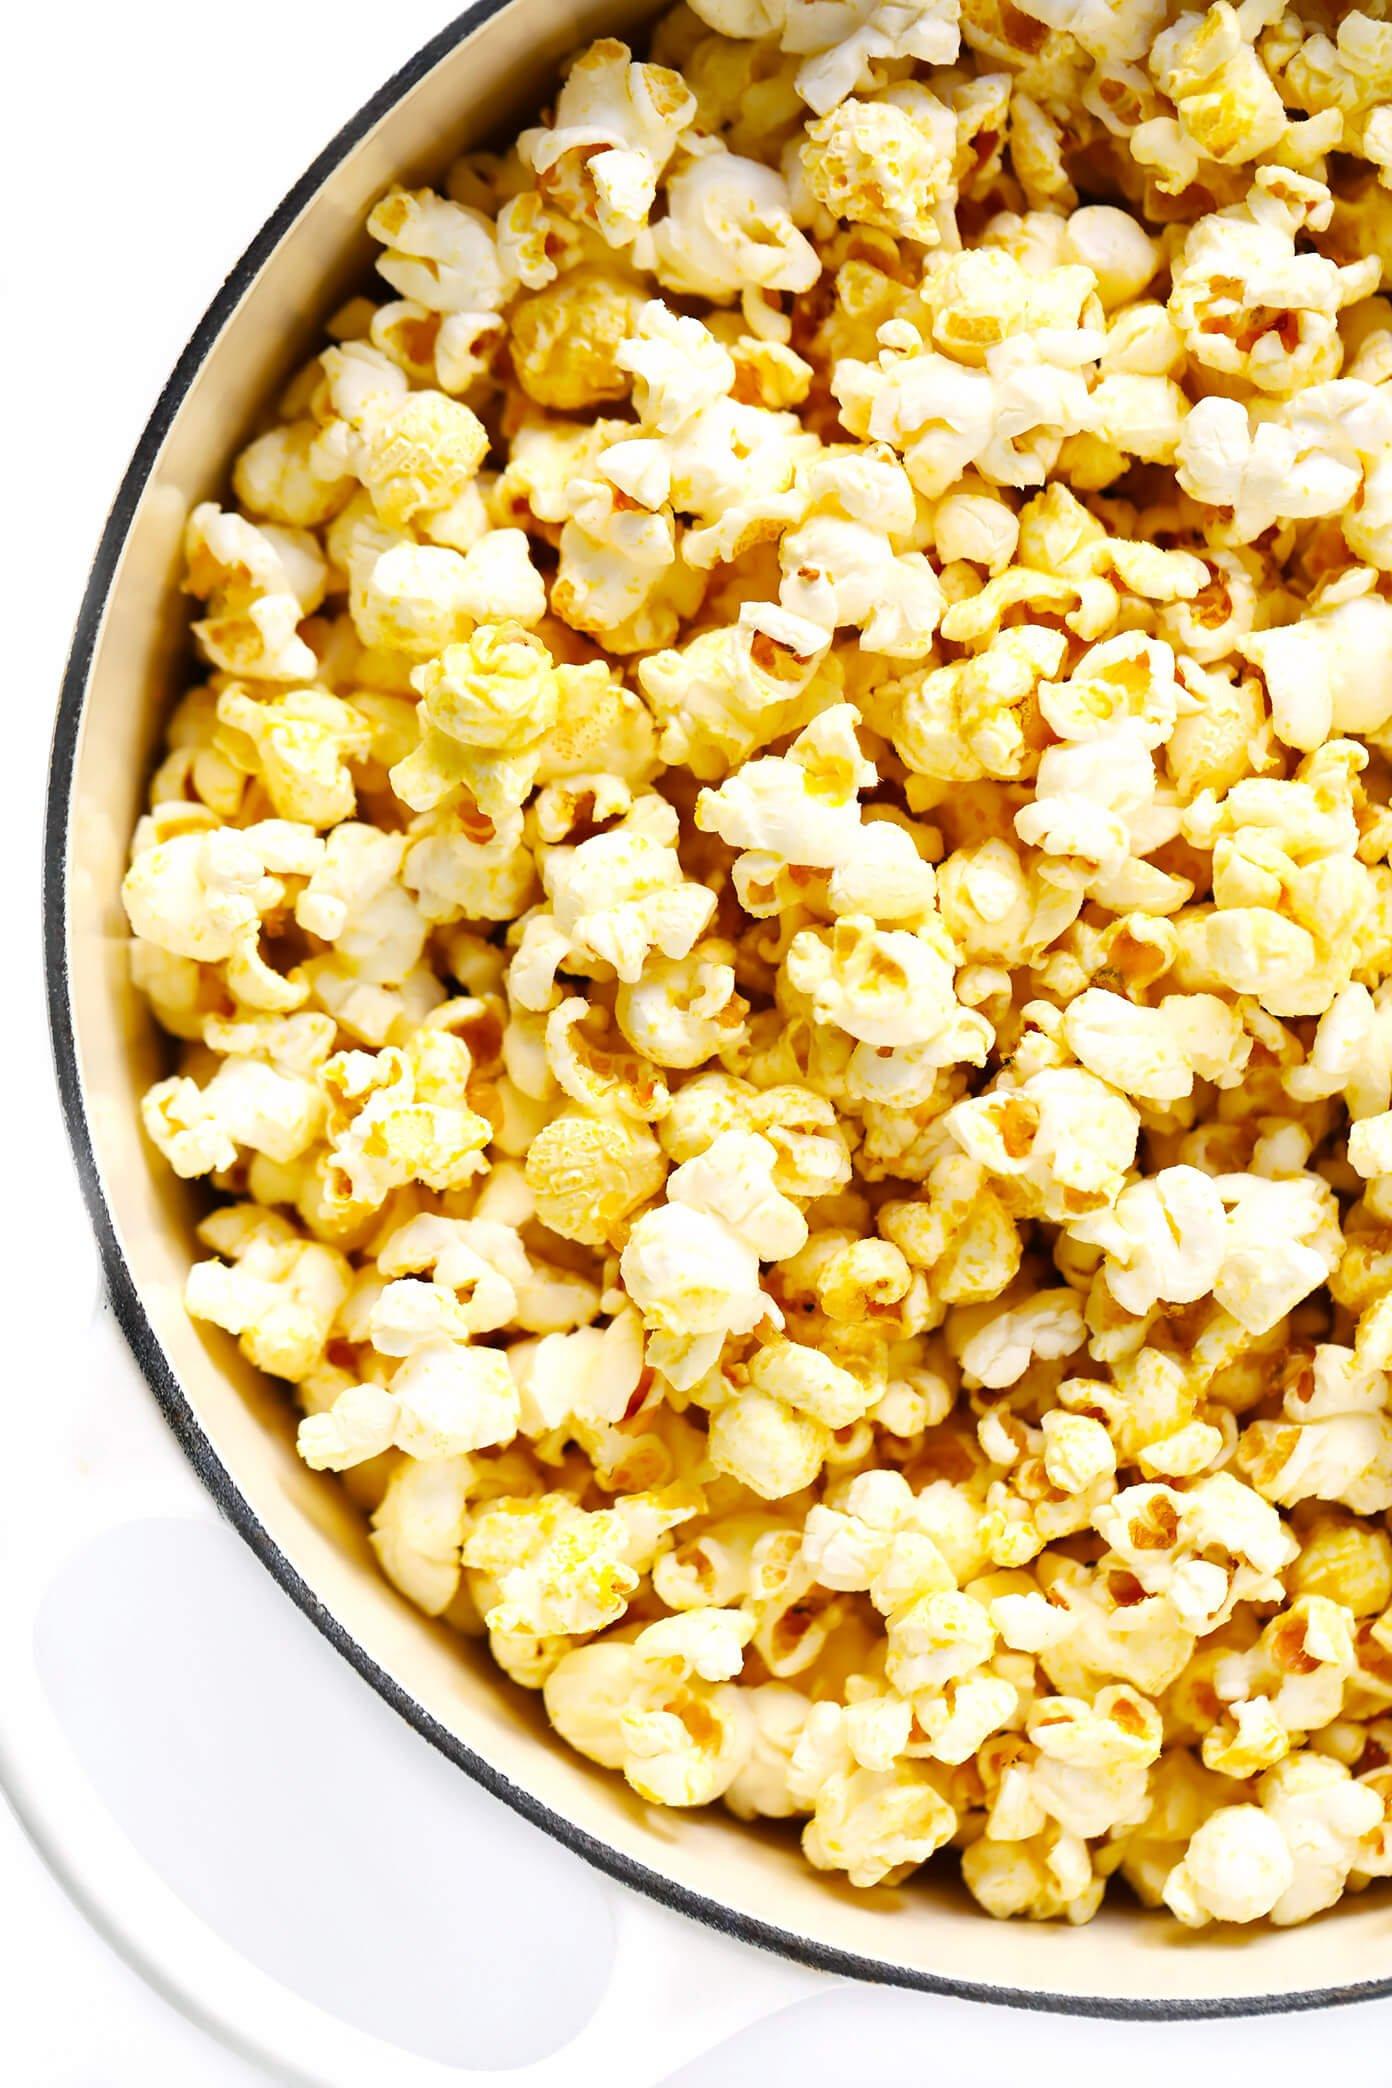 How To Make Nooch Popcorn (Vegan)